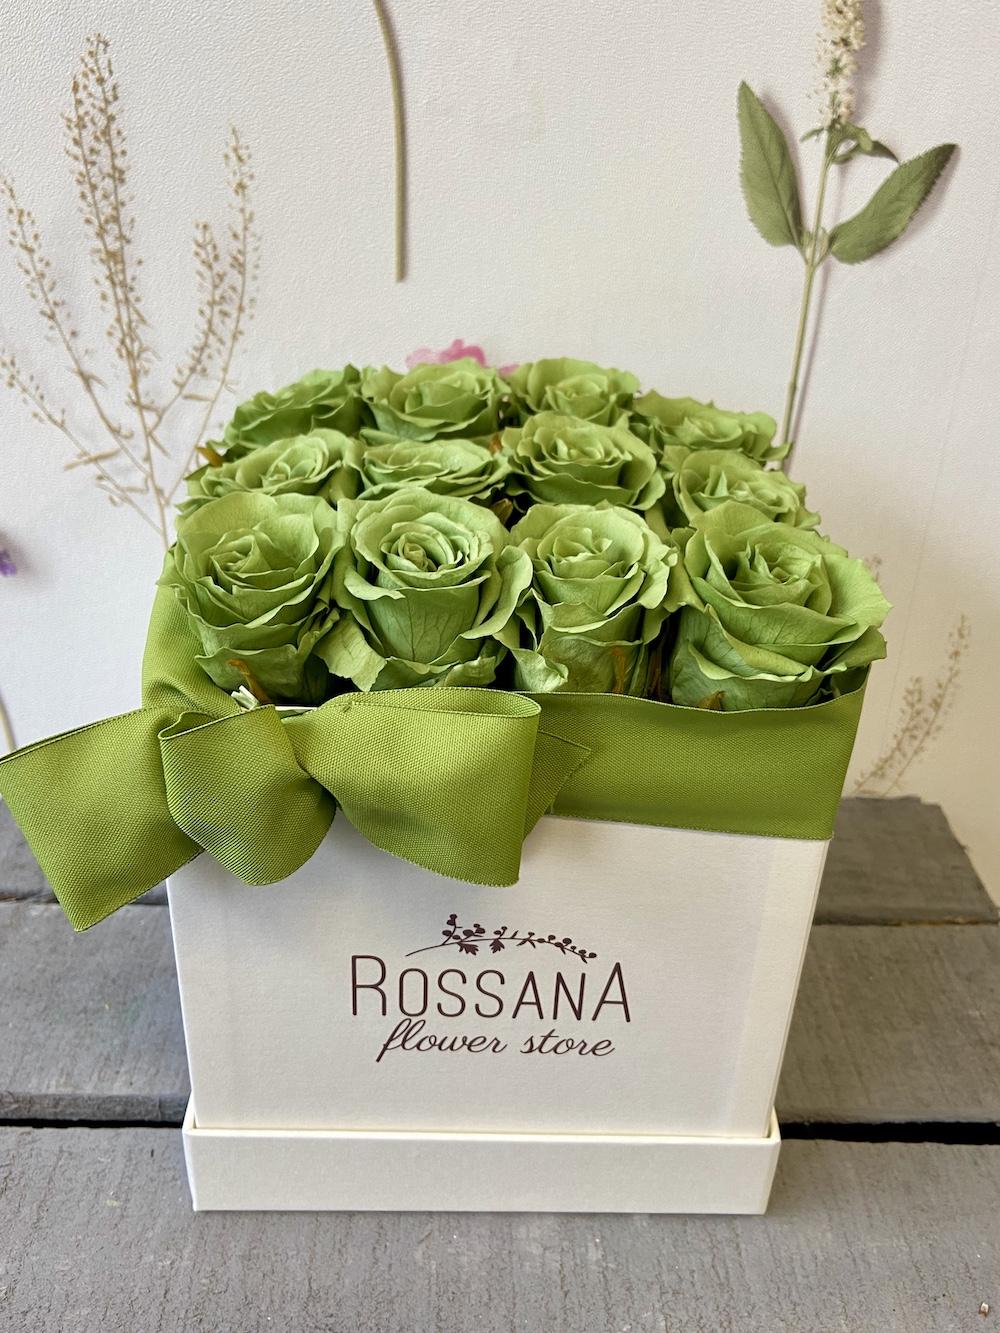 flower box rose stabilizzate verde florashopping Rossana flower store NovellinoIMG_0395